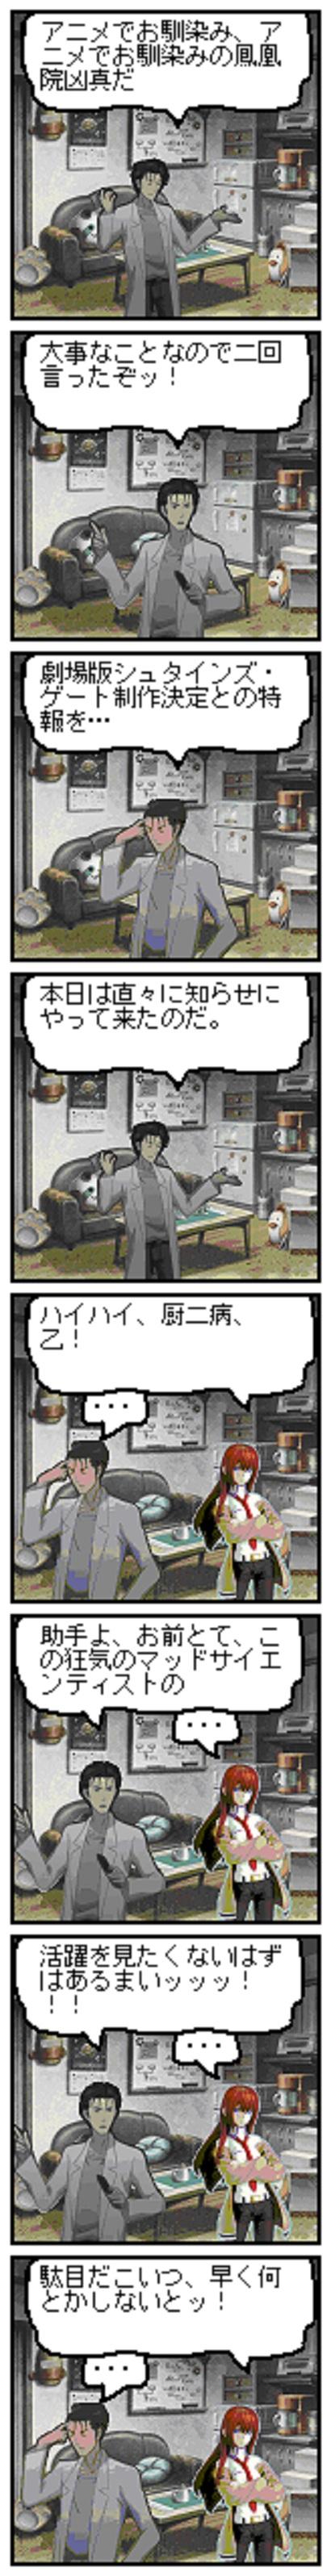 劇場版STEINS;GATE制作決定でシュタゲ漫画1